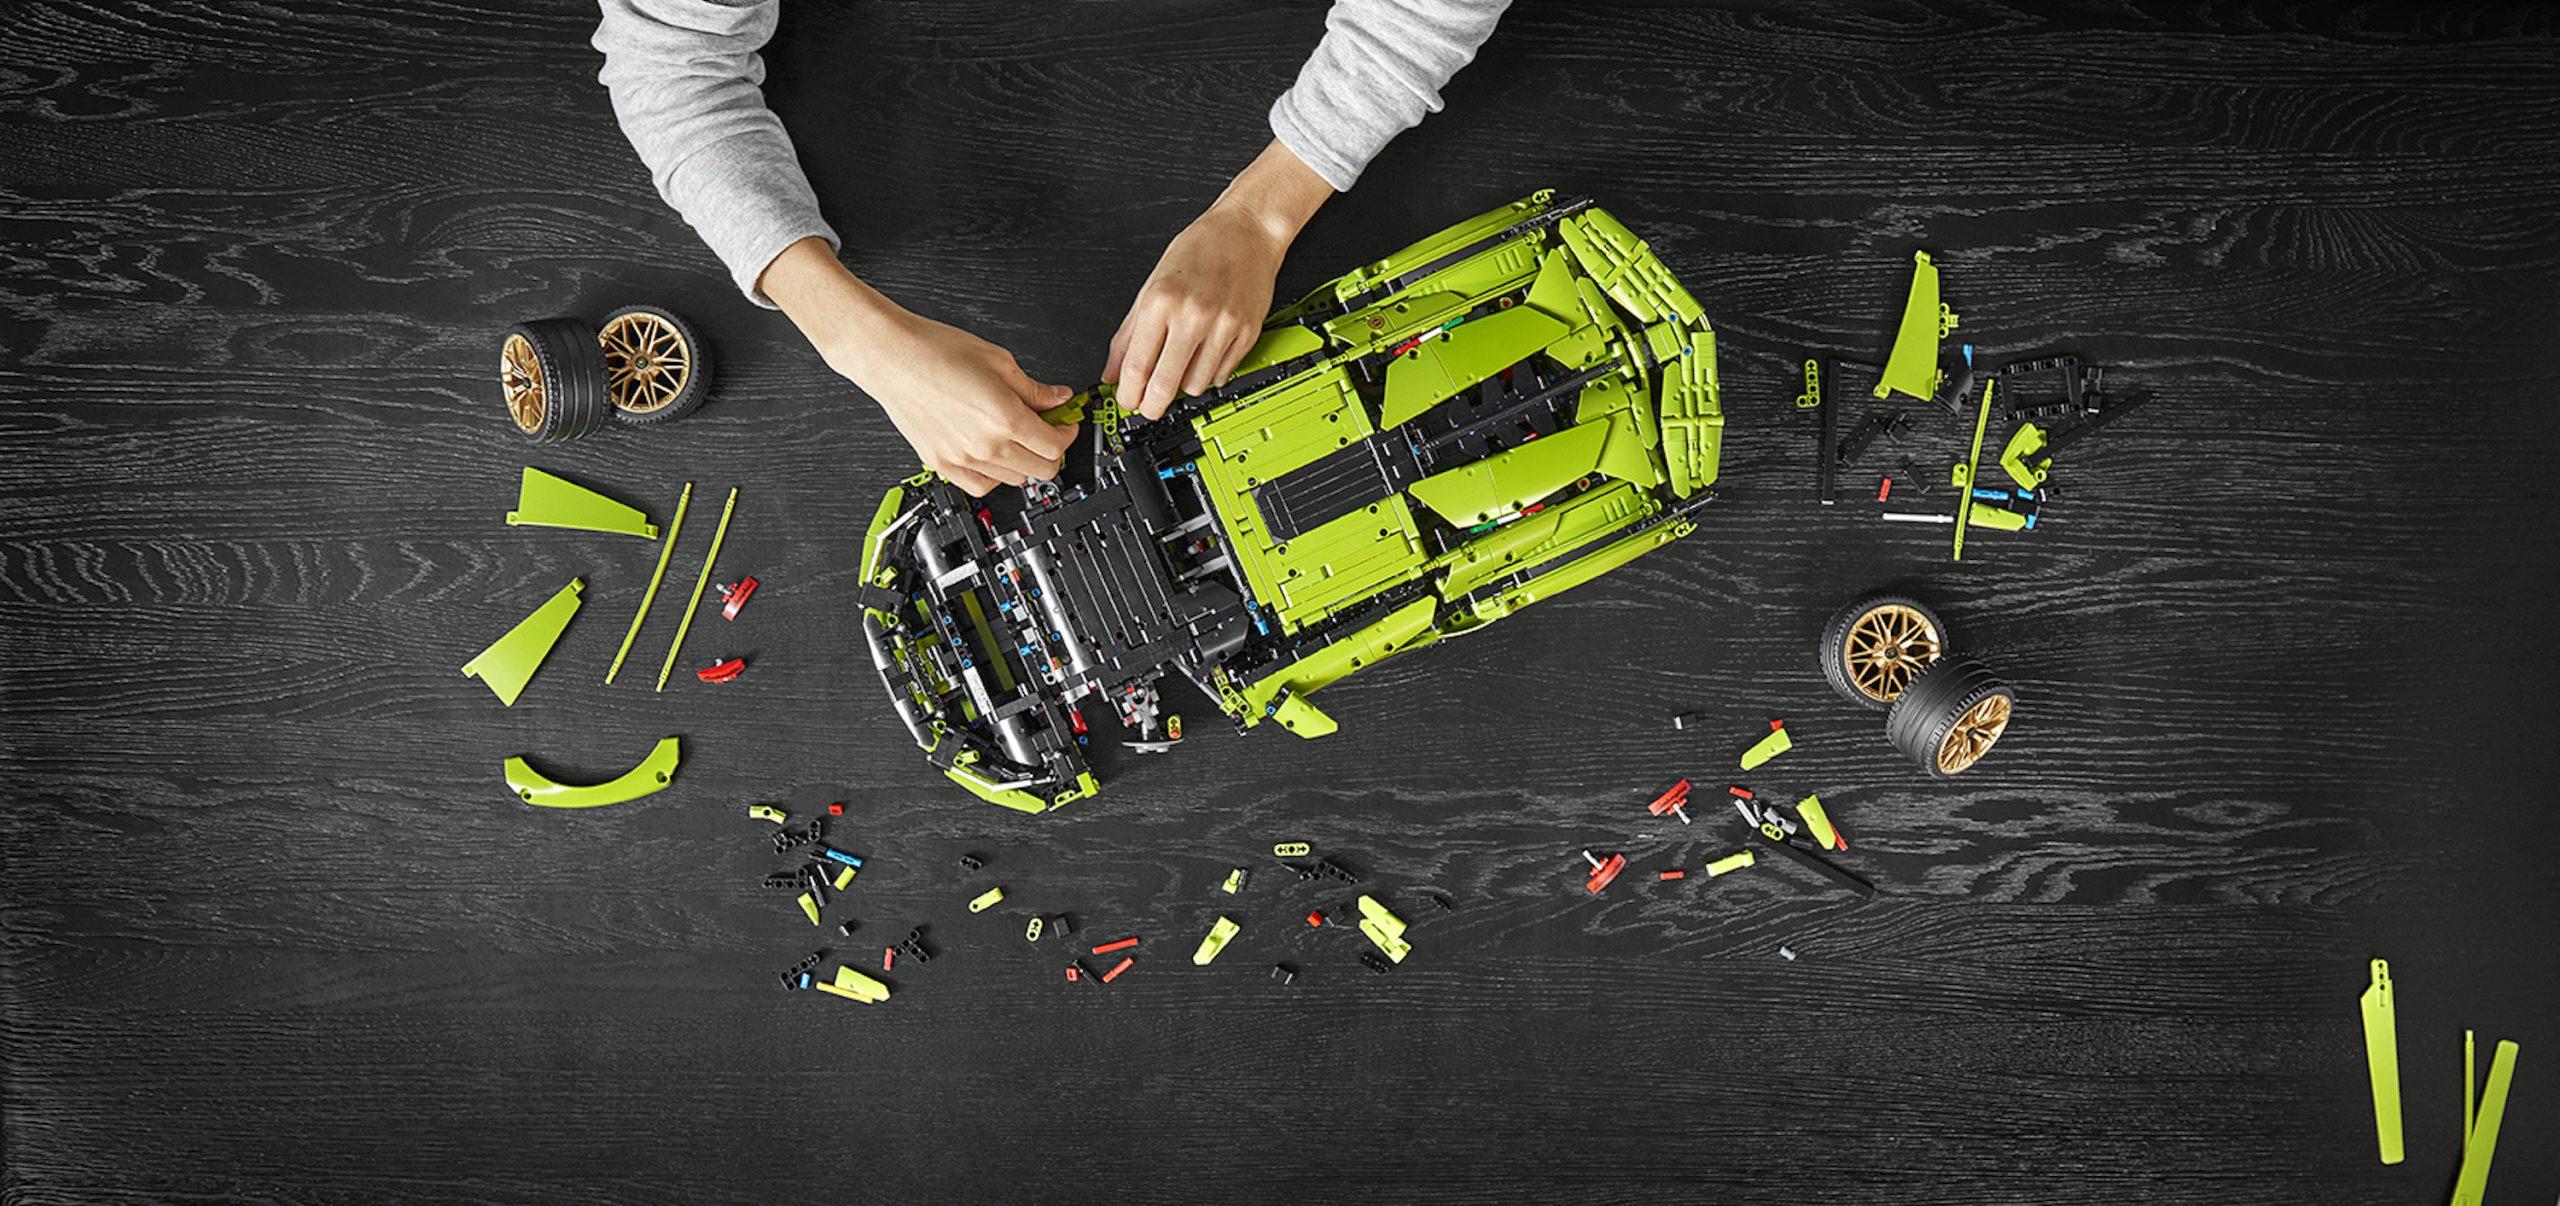 LEGO Lamborghini Sian Assembling Pieces